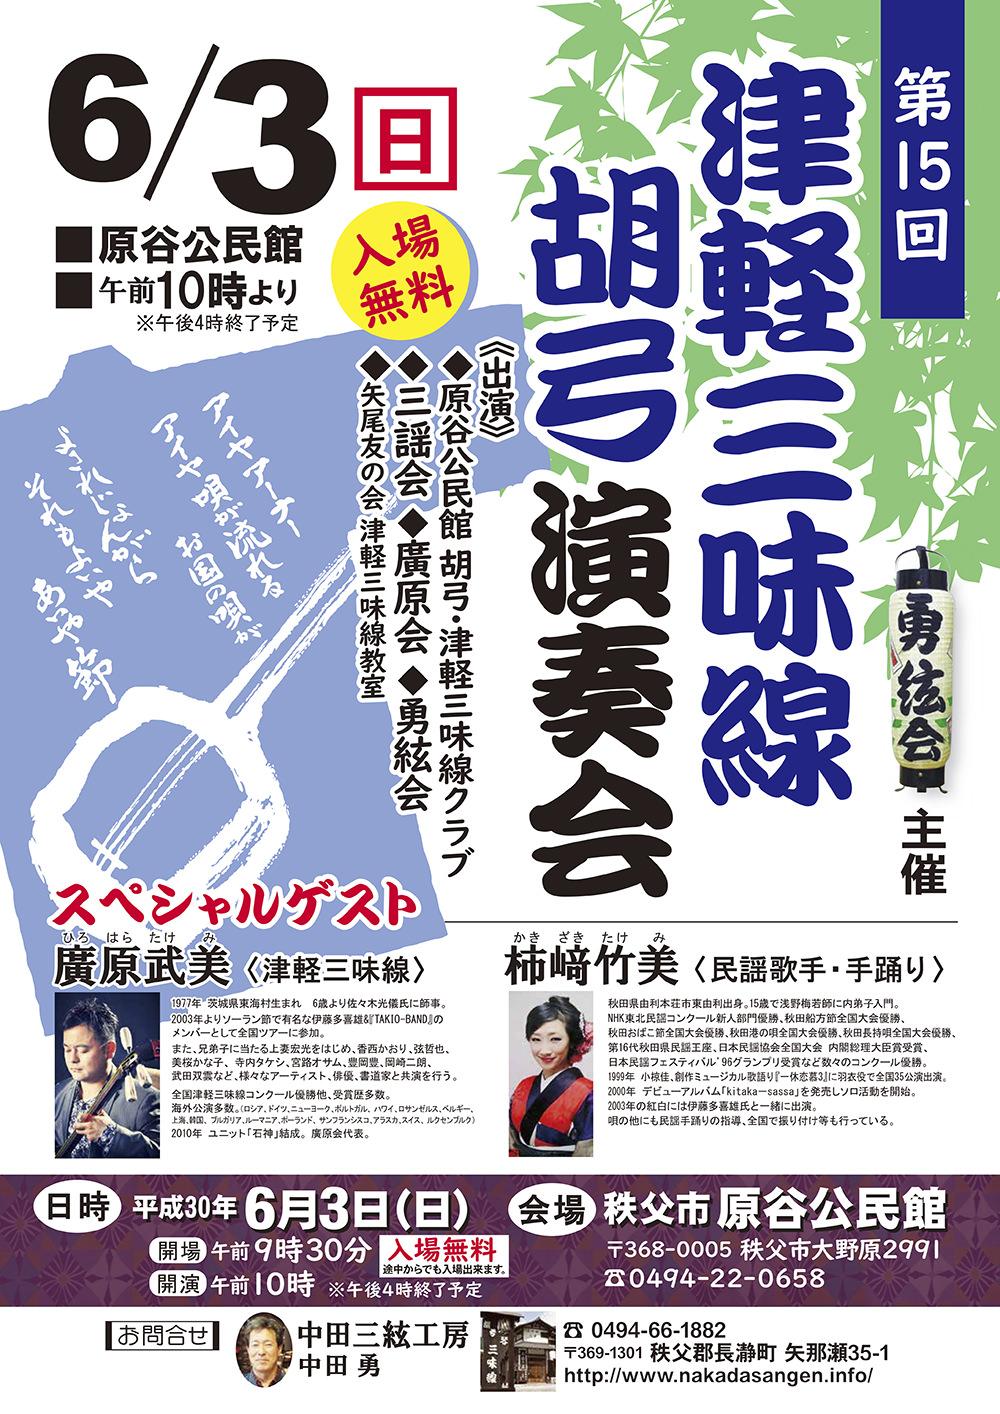 http://www.nakadasangen.info/images/201806.jpg